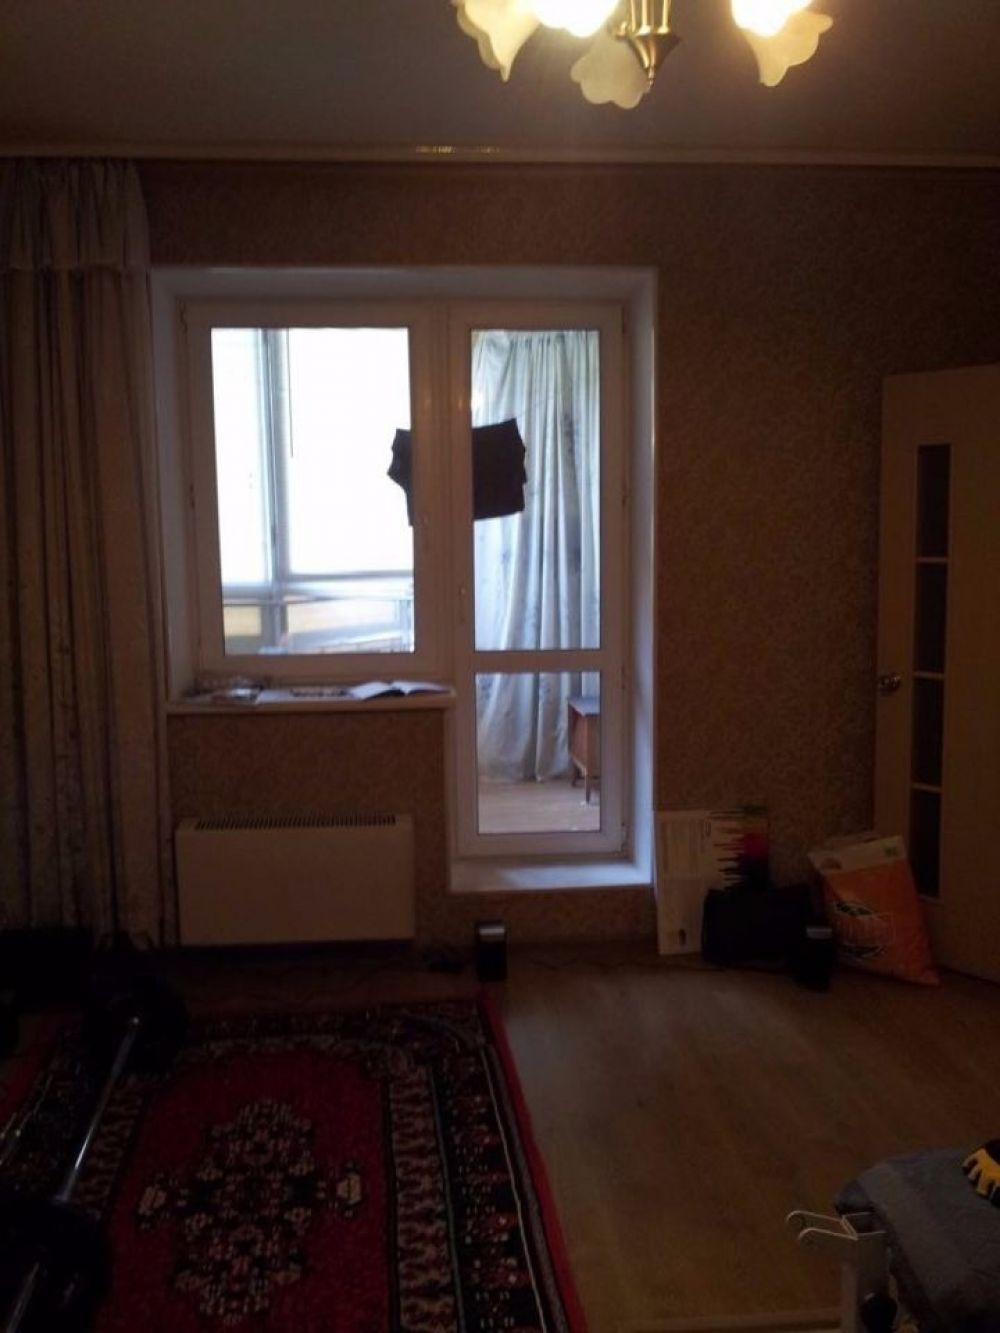 2-к квартира, п. Аничково, д.6, фото 3